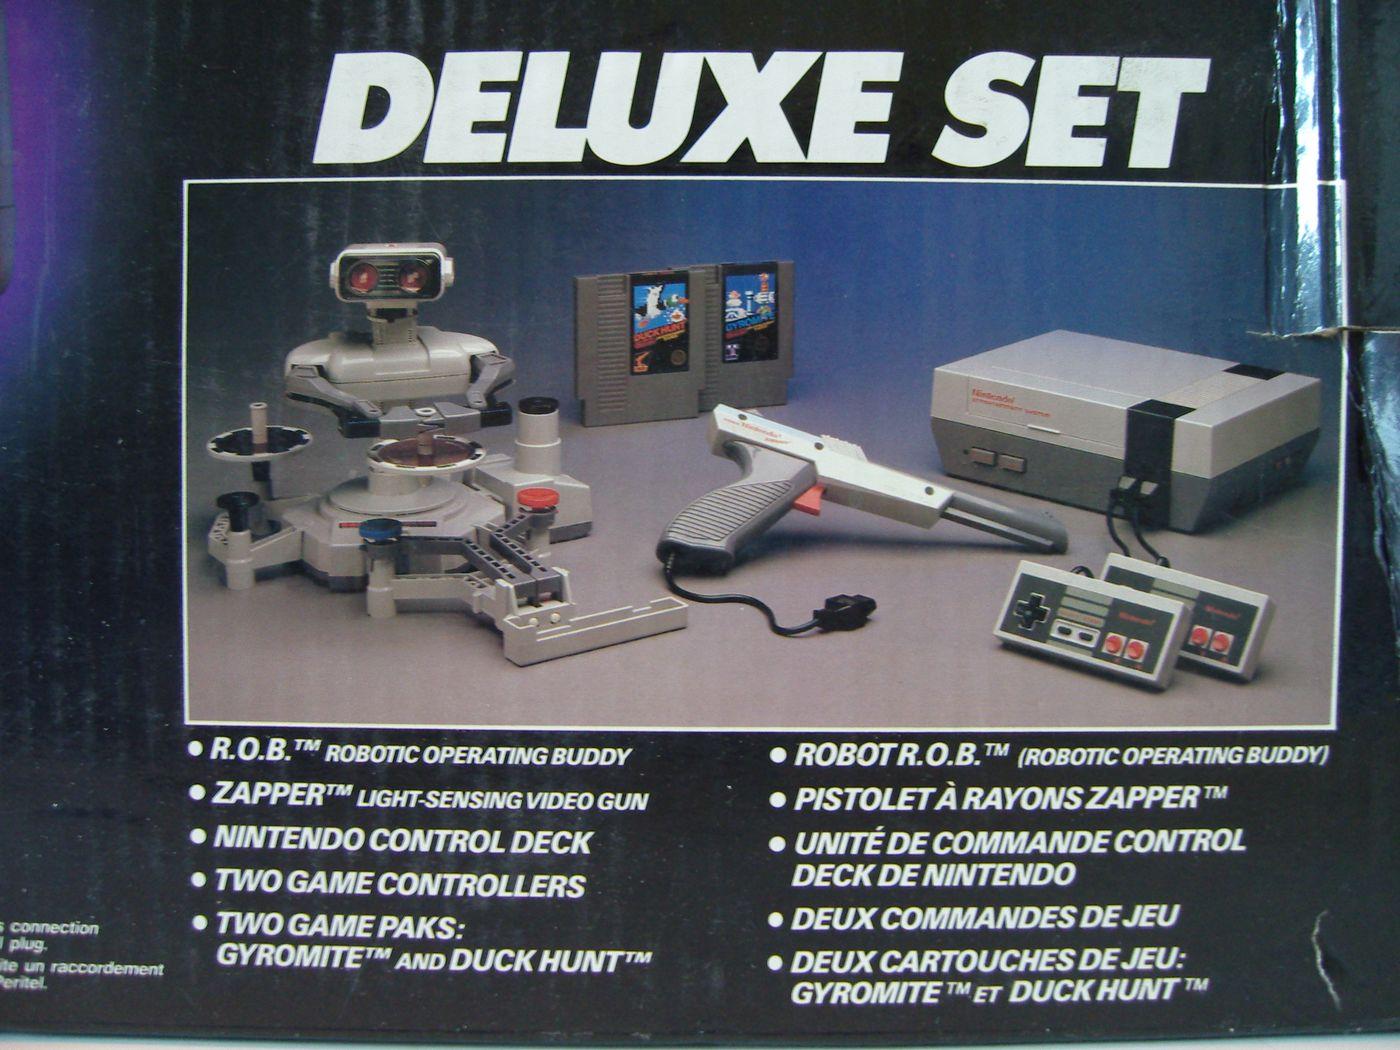 Nintendo Nes Deluxe Set